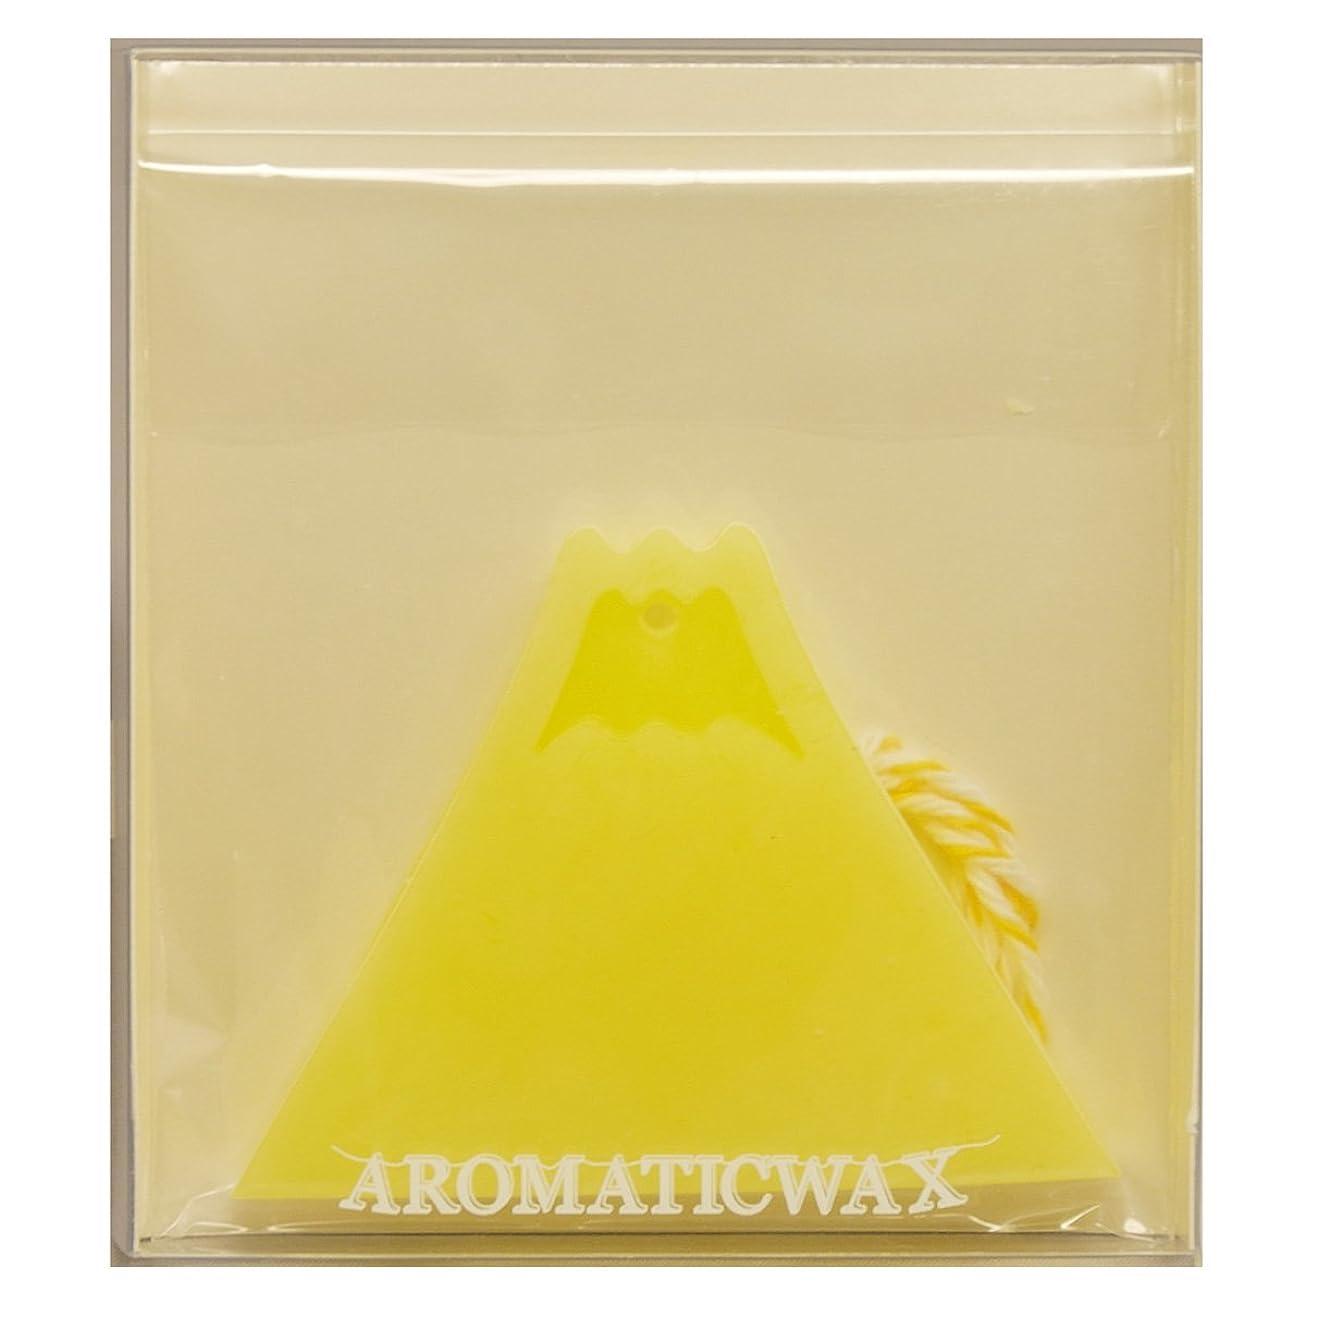 かまど事務所大きさGRASSE TOKYO AROMATICWAXチャーム「富士山」(YE) ベルガモット アロマティックワックス グラーストウキョウ